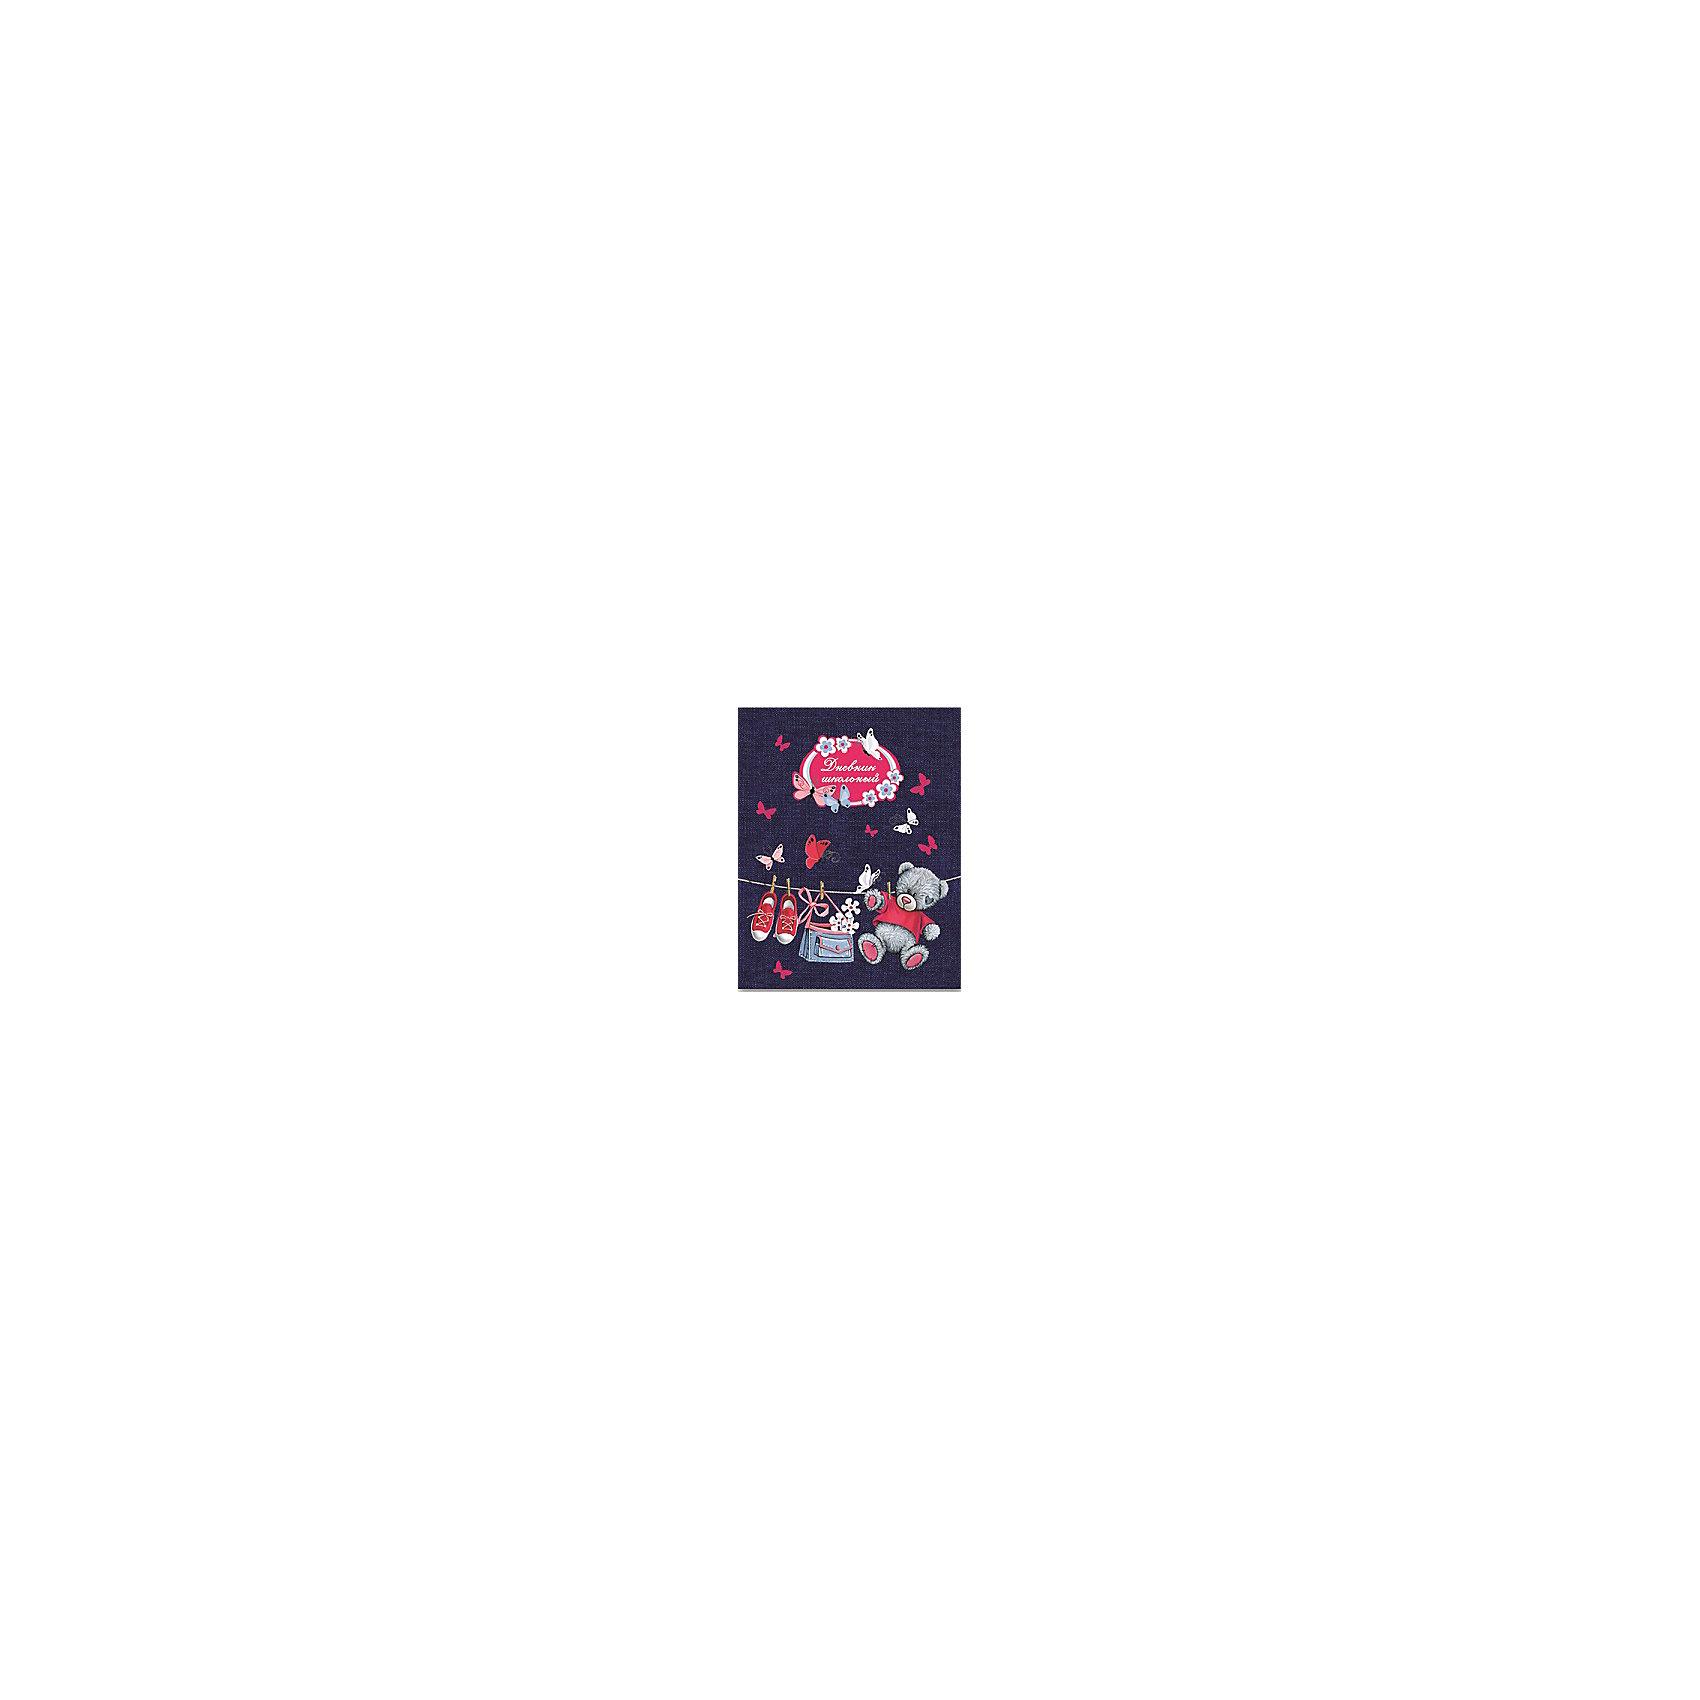 Дневник Мишка на джинсеДневник нужен каждому школьнику. Занятия ребенка в школе всегда требуют приобретения атрибутов для учебы. Так пусть они будут стильными и качественными! Ведь учиться с ними - намного приятней.<br>Школьный дневник Мишка на джинсе - стандартного формата А5. Обложка - из плотной бумаги с изображением симпатичного медвежонка. Листы надежно скреплены. Изделие произведено из качественных и безопасных для ребенка материалов.<br><br>Дополнительная информация:<br><br>цвет: разноцветный;<br>формат: А5;<br>материал: бумага.<br><br>Дневник Мишка на джинсе можно купить в нашем магазине.<br><br>Ширина мм: 210<br>Глубина мм: 175<br>Высота мм: 10<br>Вес г: 230<br>Возраст от месяцев: 72<br>Возраст до месяцев: 192<br>Пол: Женский<br>Возраст: Детский<br>SKU: 4746250